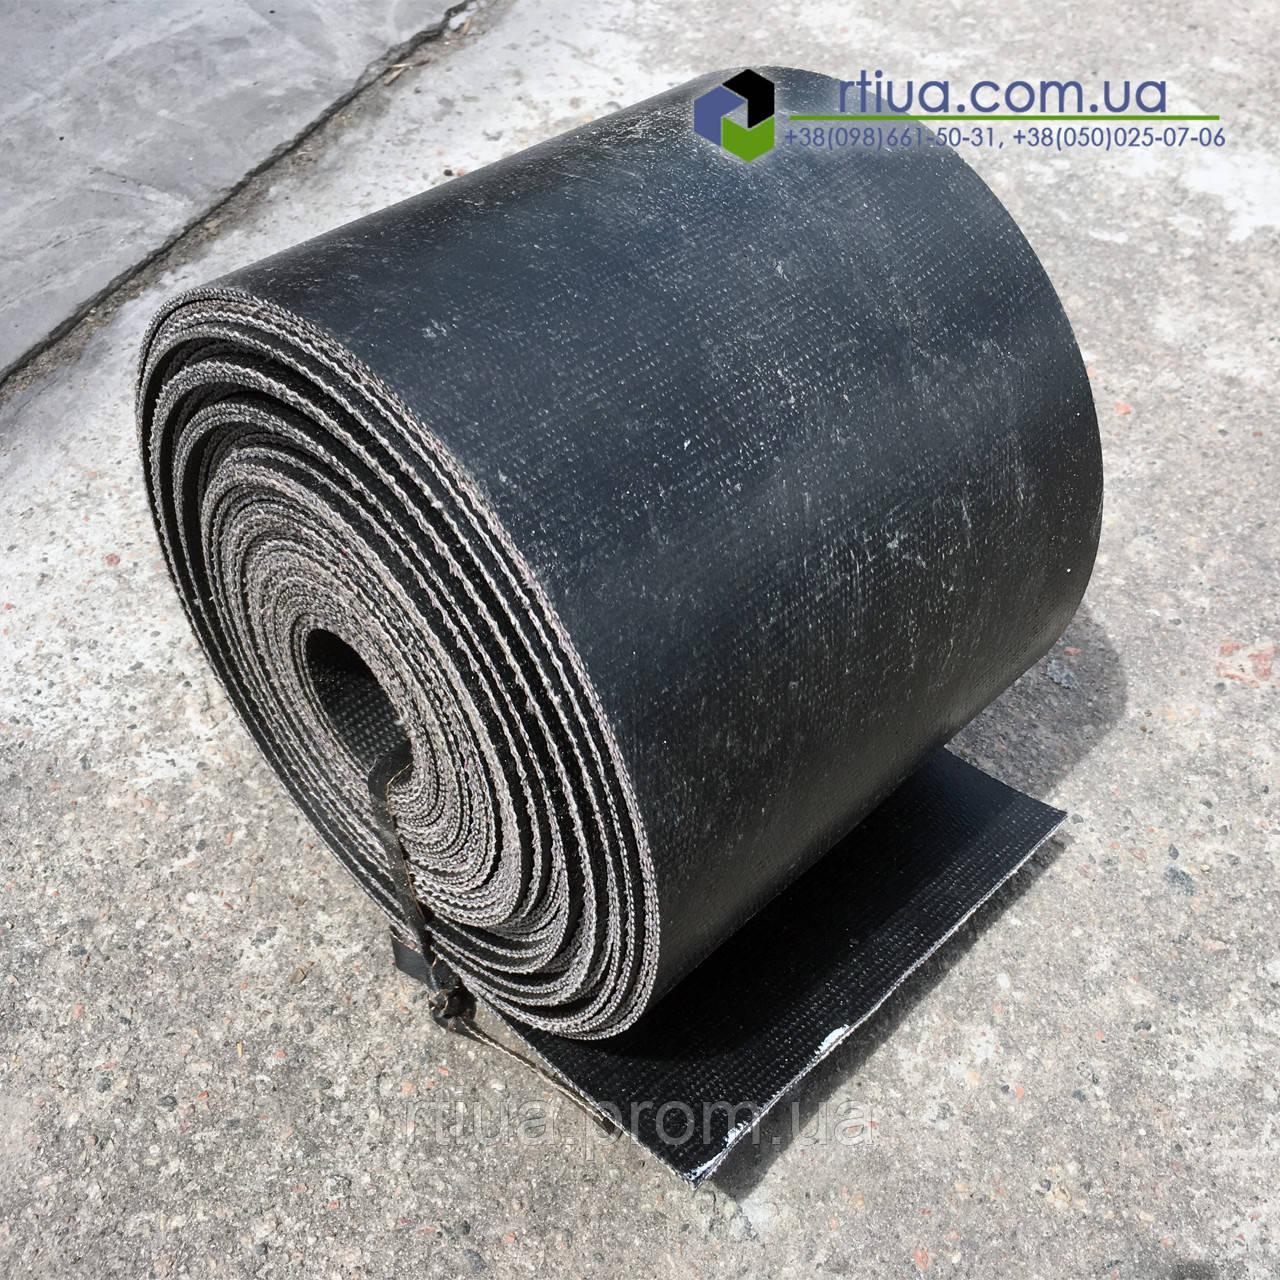 Транспортерная лента БКНЛ, 300х2 мм